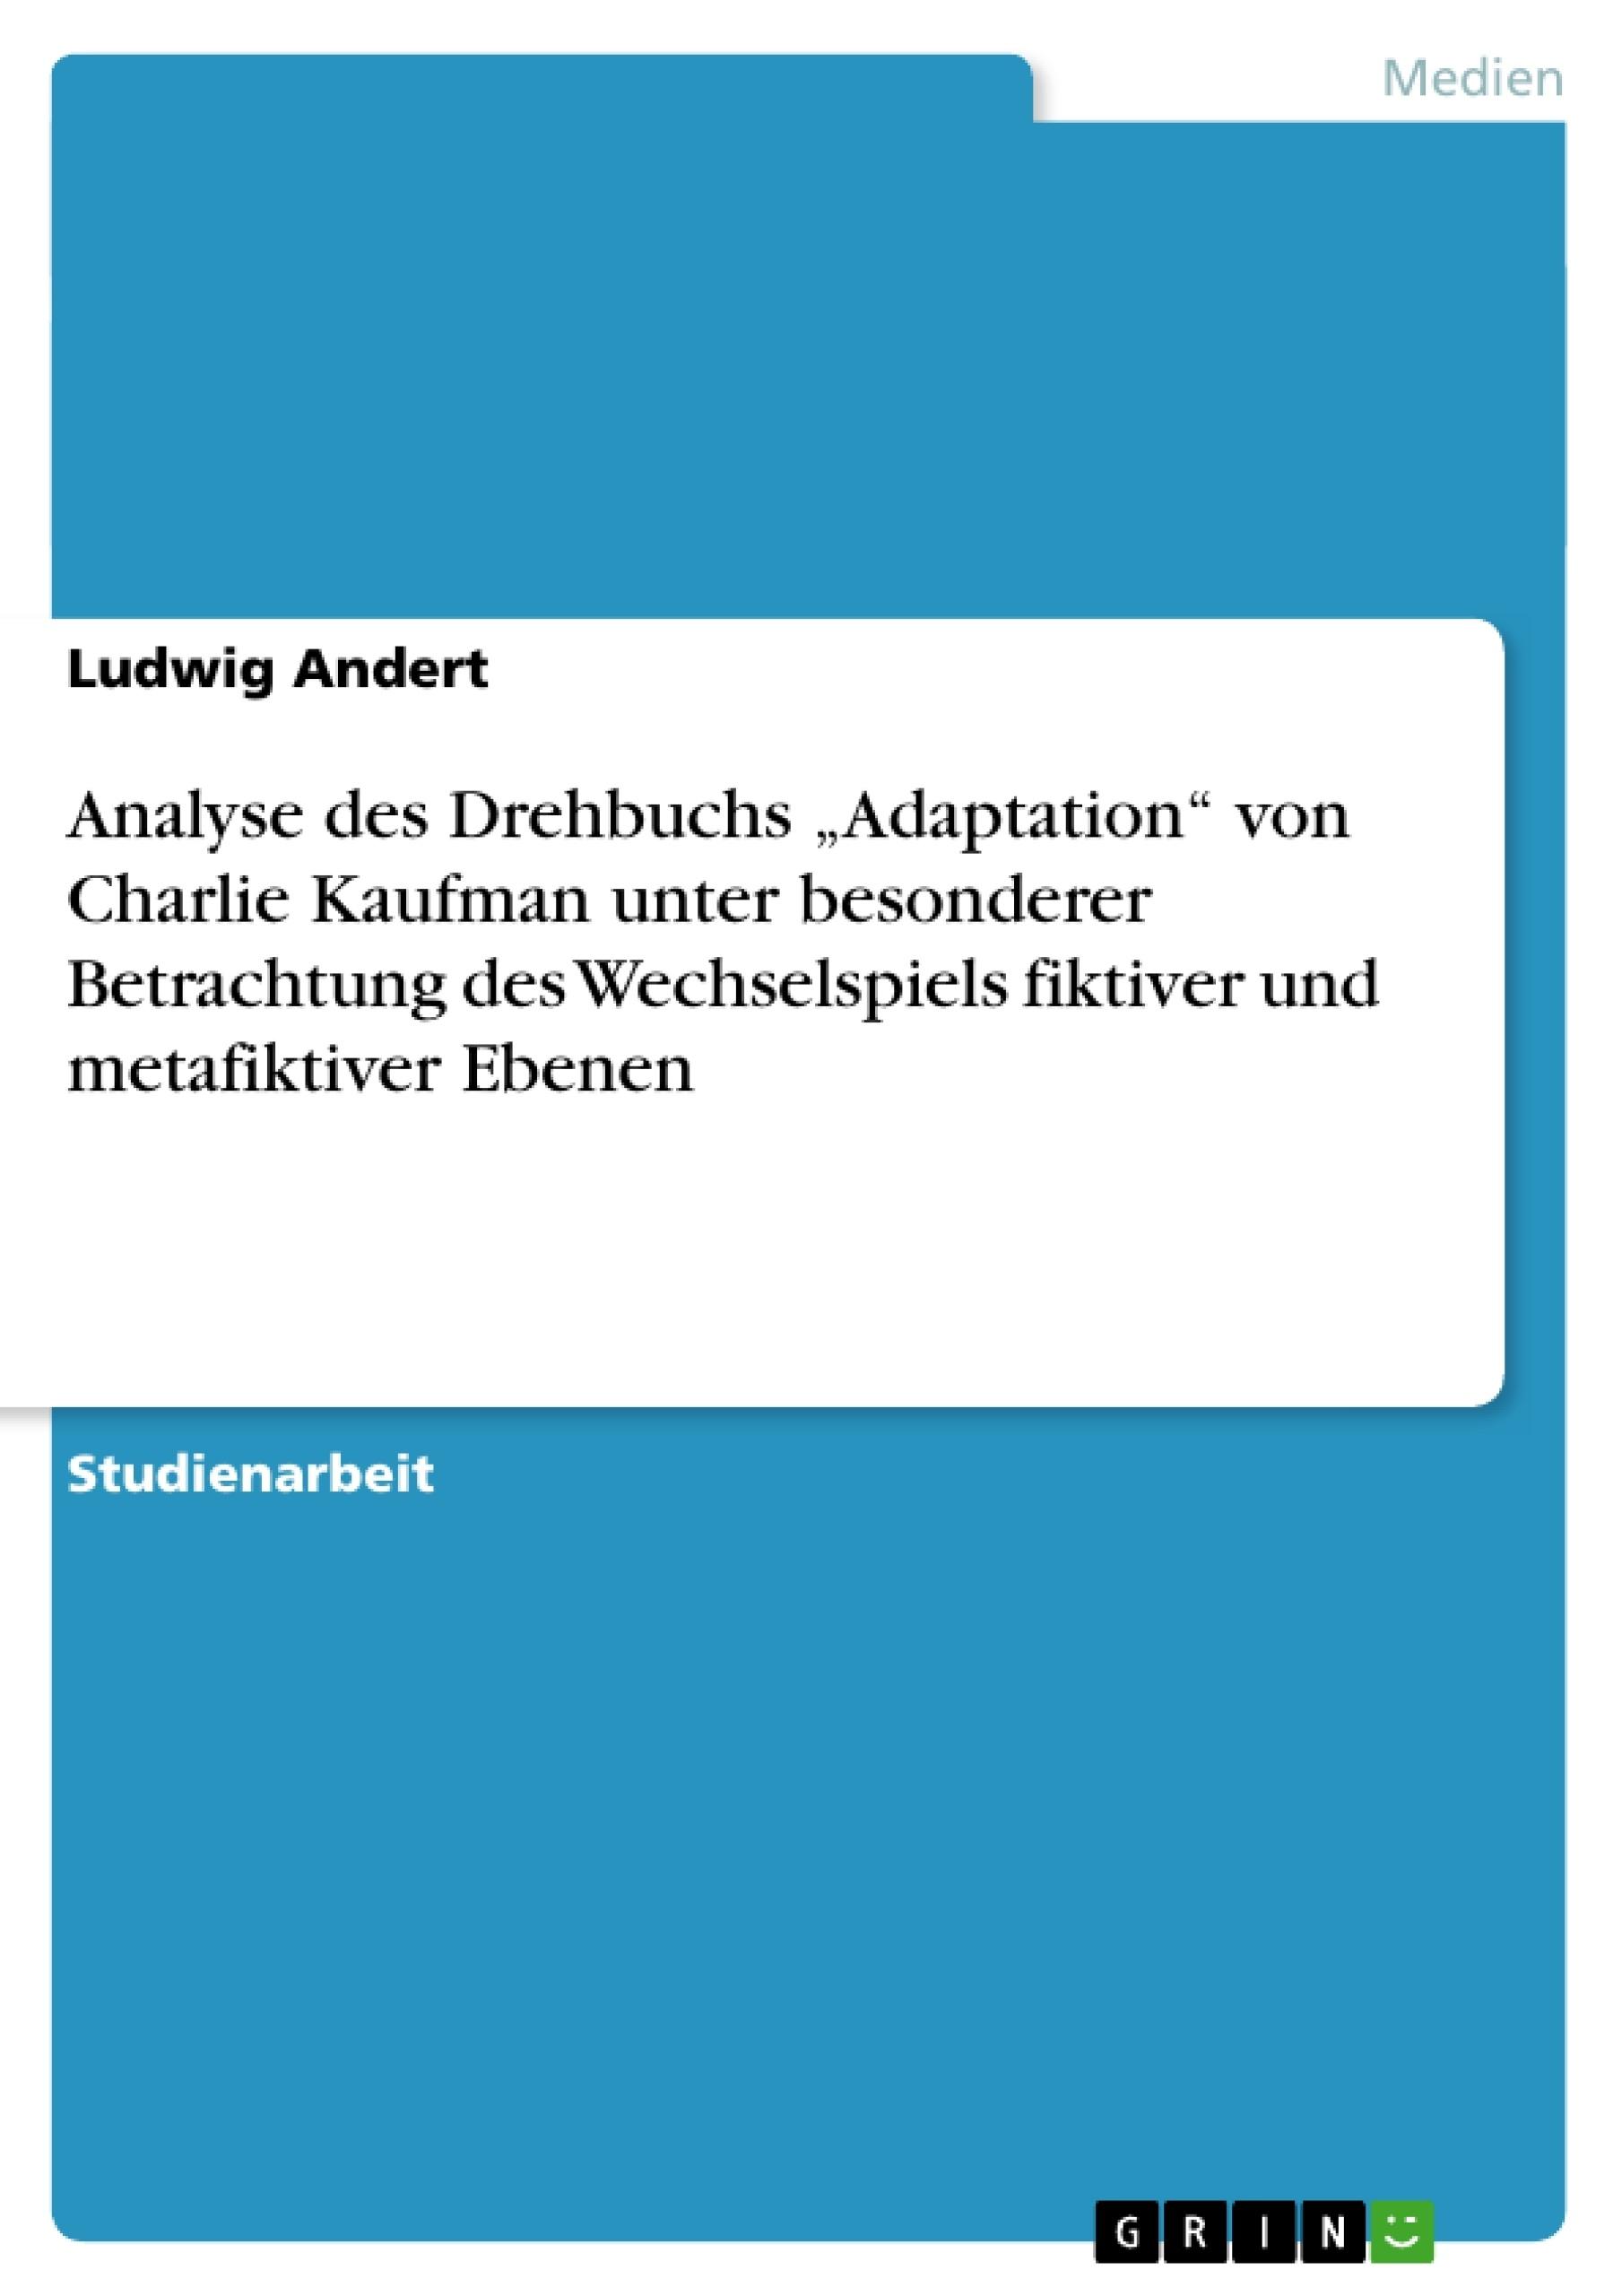 """Titel: Analyse des Drehbuchs """"Adaptation"""" von Charlie Kaufman unter besonderer Betrachtung des Wechselspiels fiktiver und metafiktiver Ebenen"""